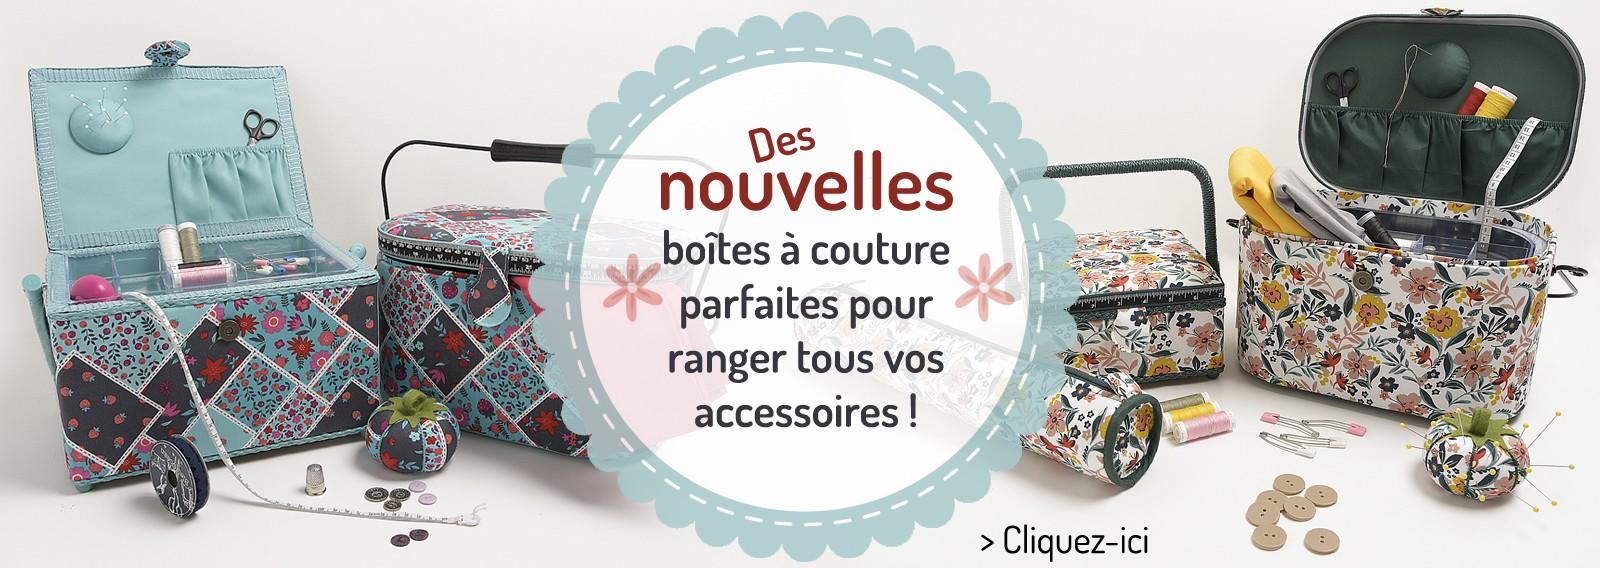 Découvrez nos nouveautés de boîte à couture, accessoires et porte-épingles